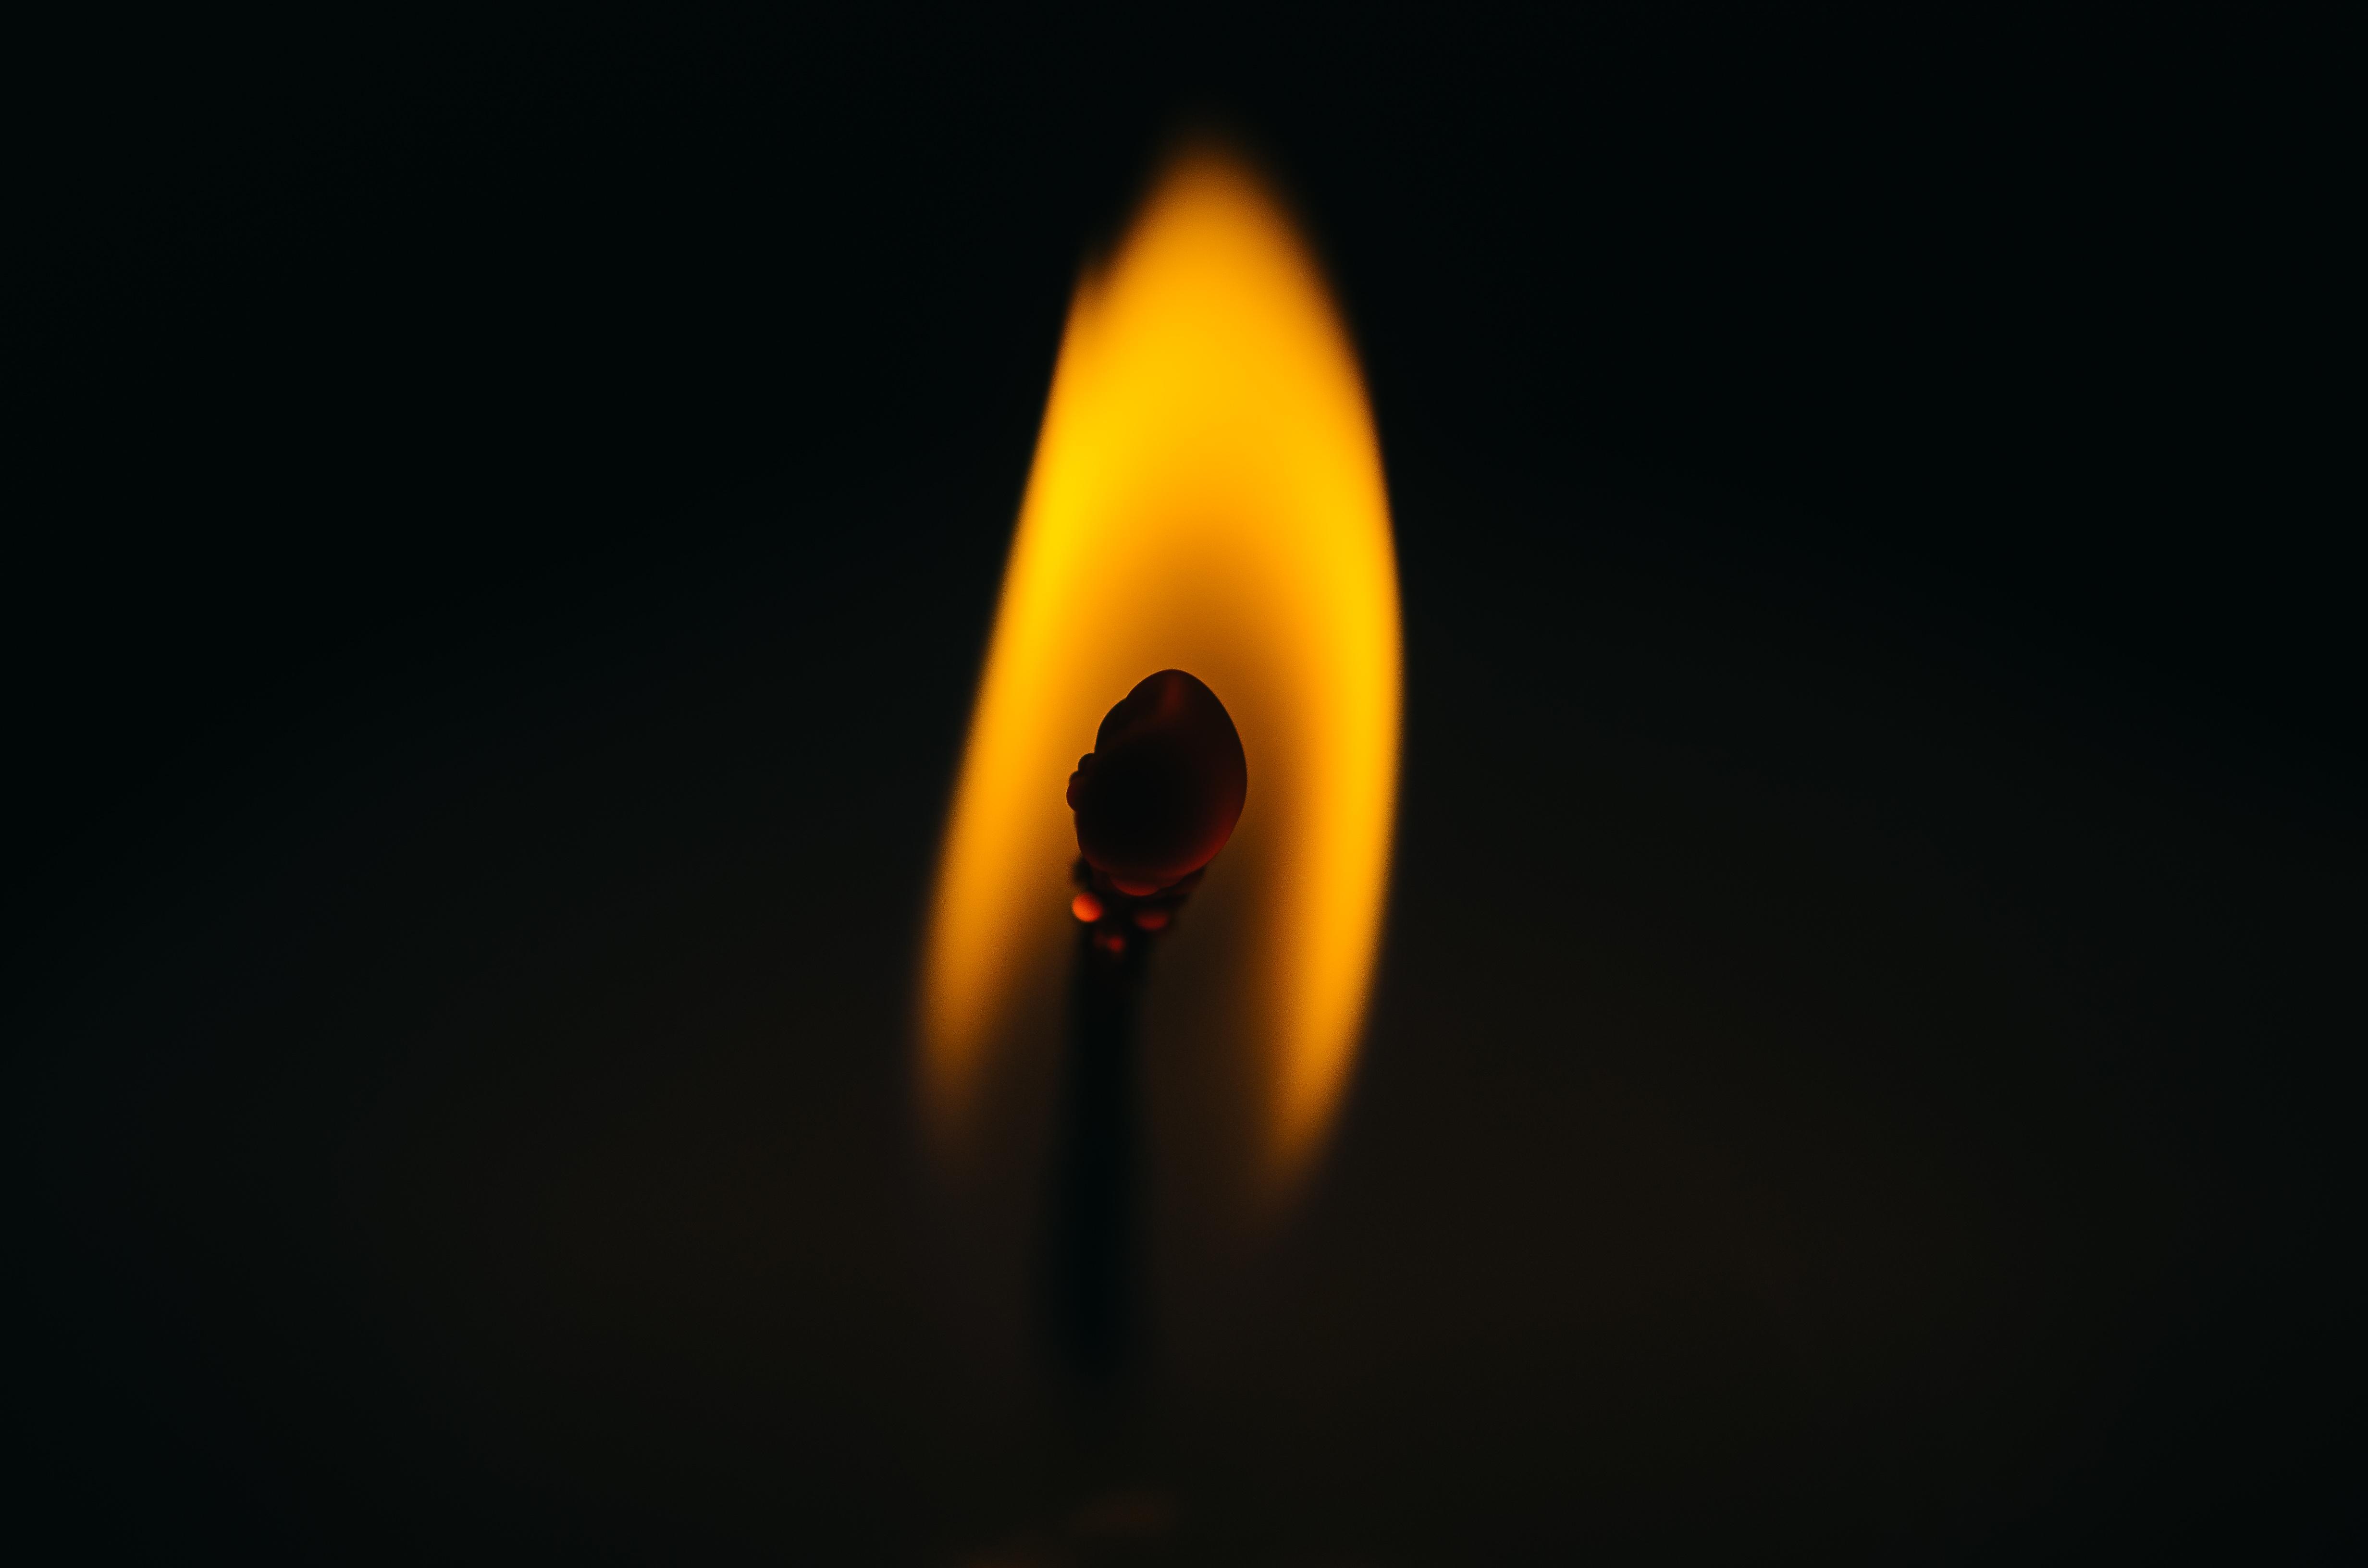 137044 Заставки и Обои Огонь на телефон. Скачать Темные, Огонь, Темный, Макро, Пламя, Спичка картинки бесплатно